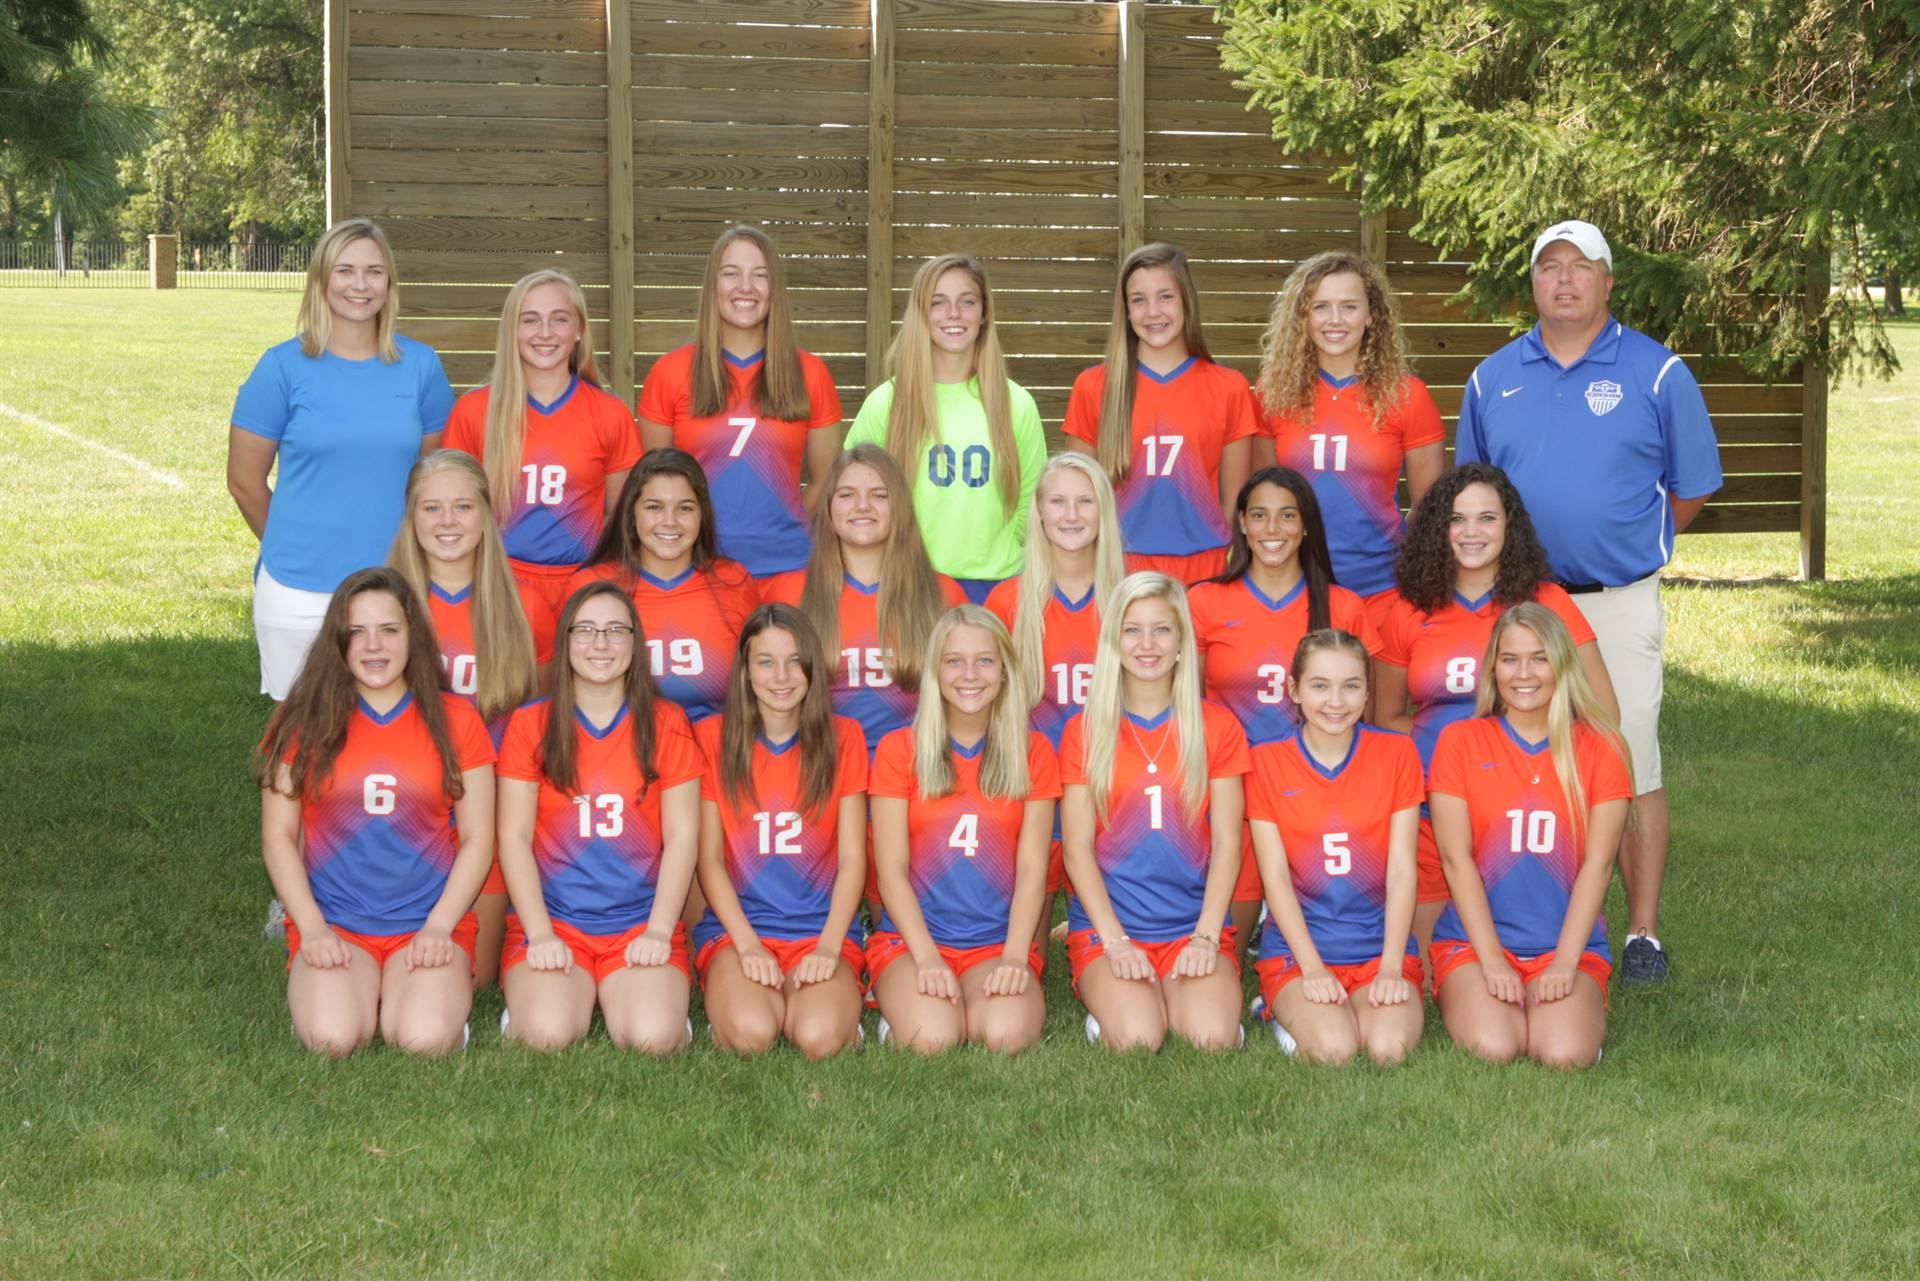 2019 Varsity Girls Soccer Team